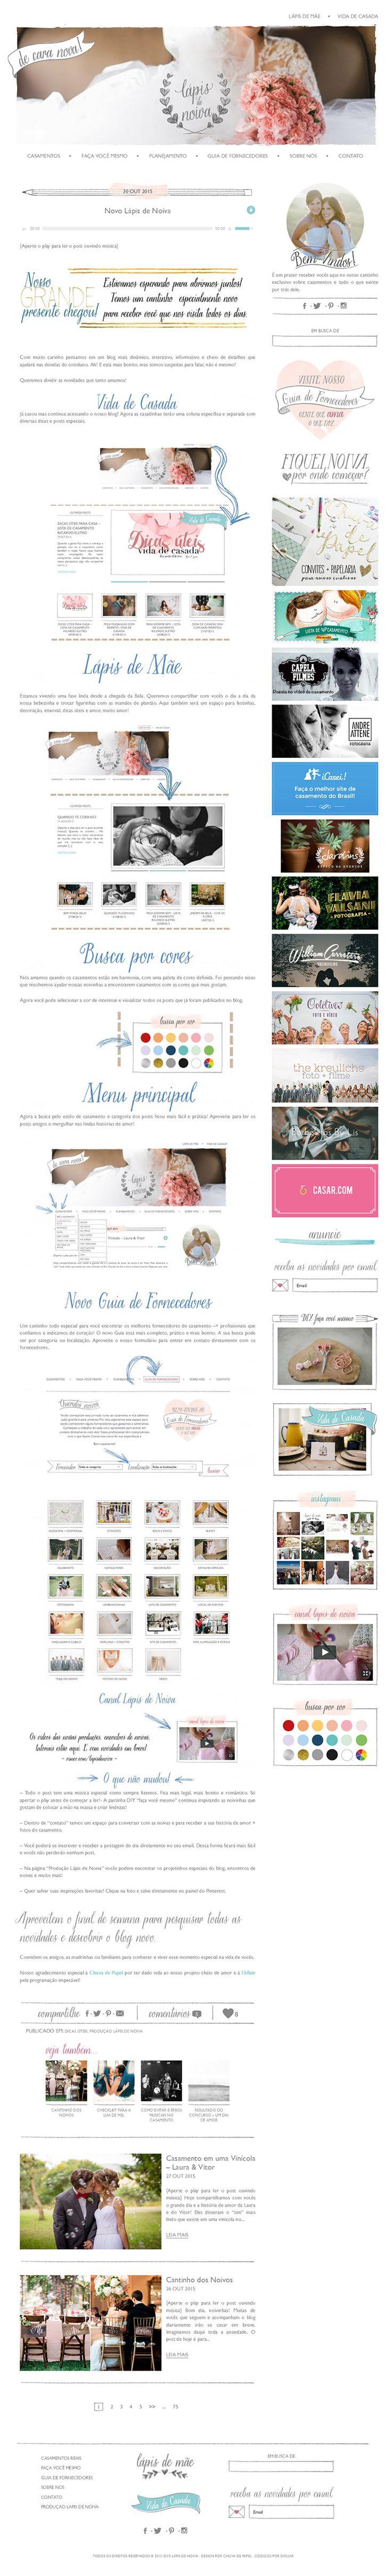 Desenvolvimento do blog em WordPress, responsive.